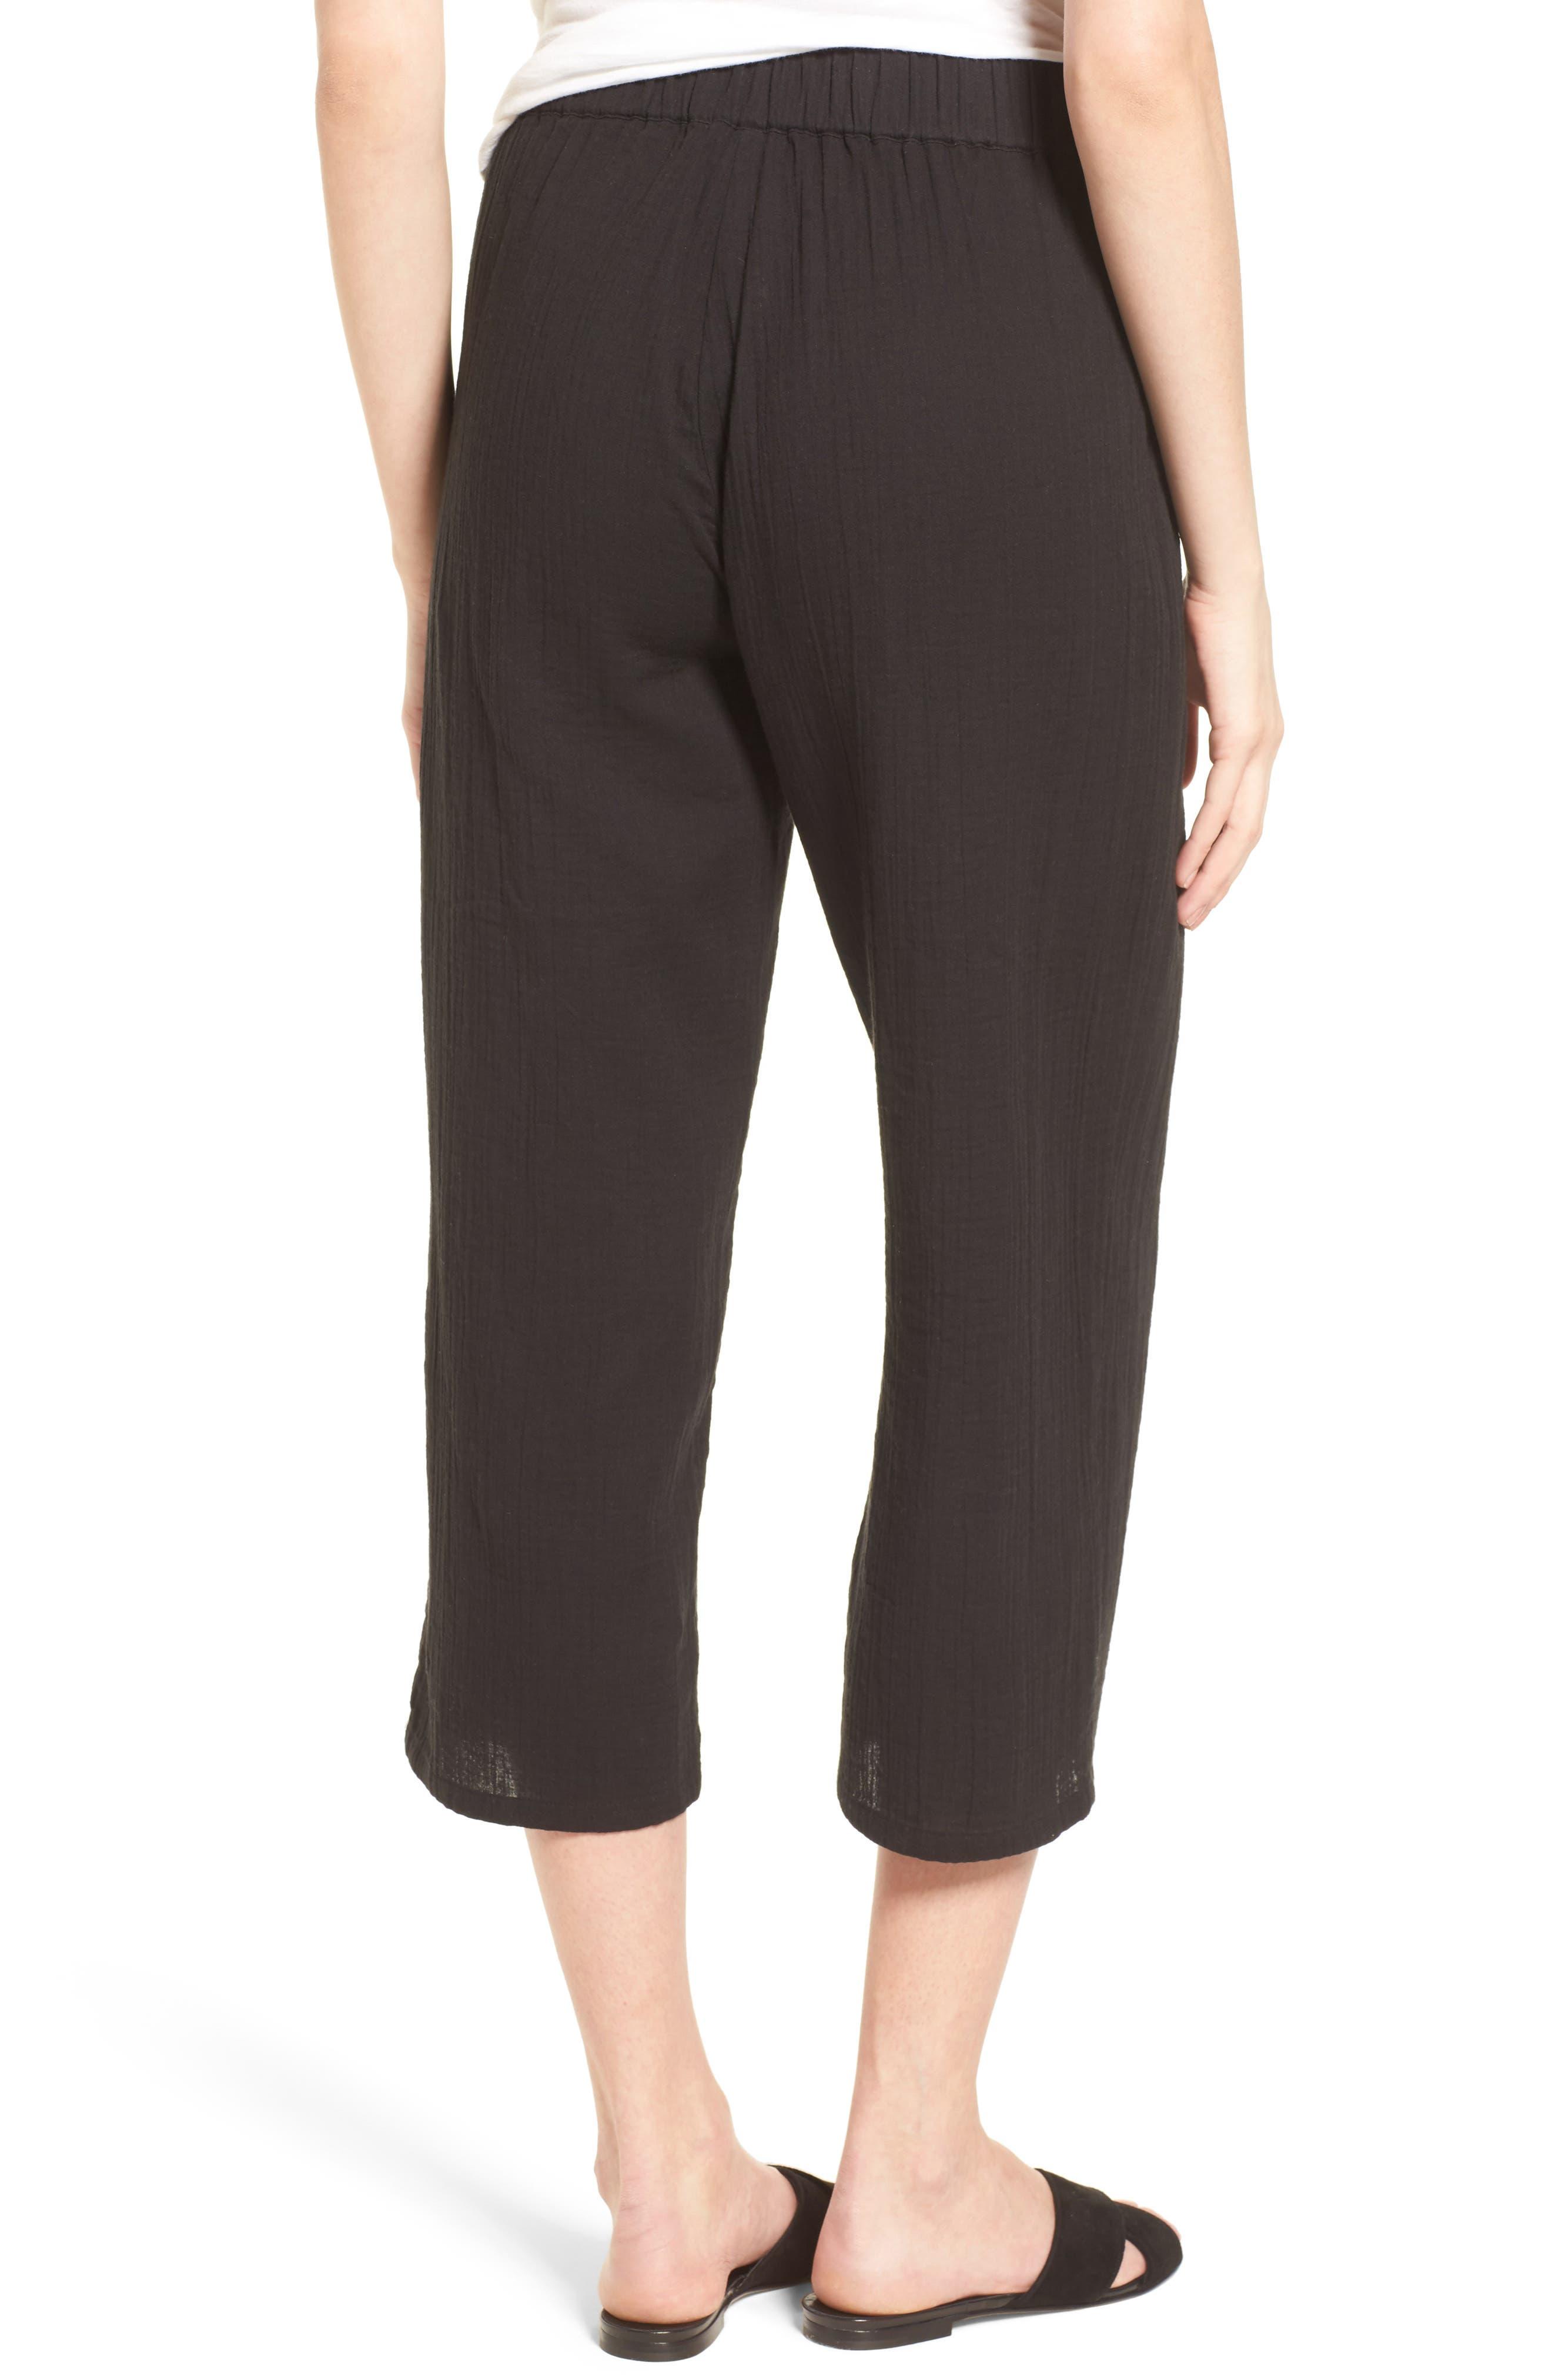 Organic Cotton Crop Pants,                             Alternate thumbnail 2, color,                             Black